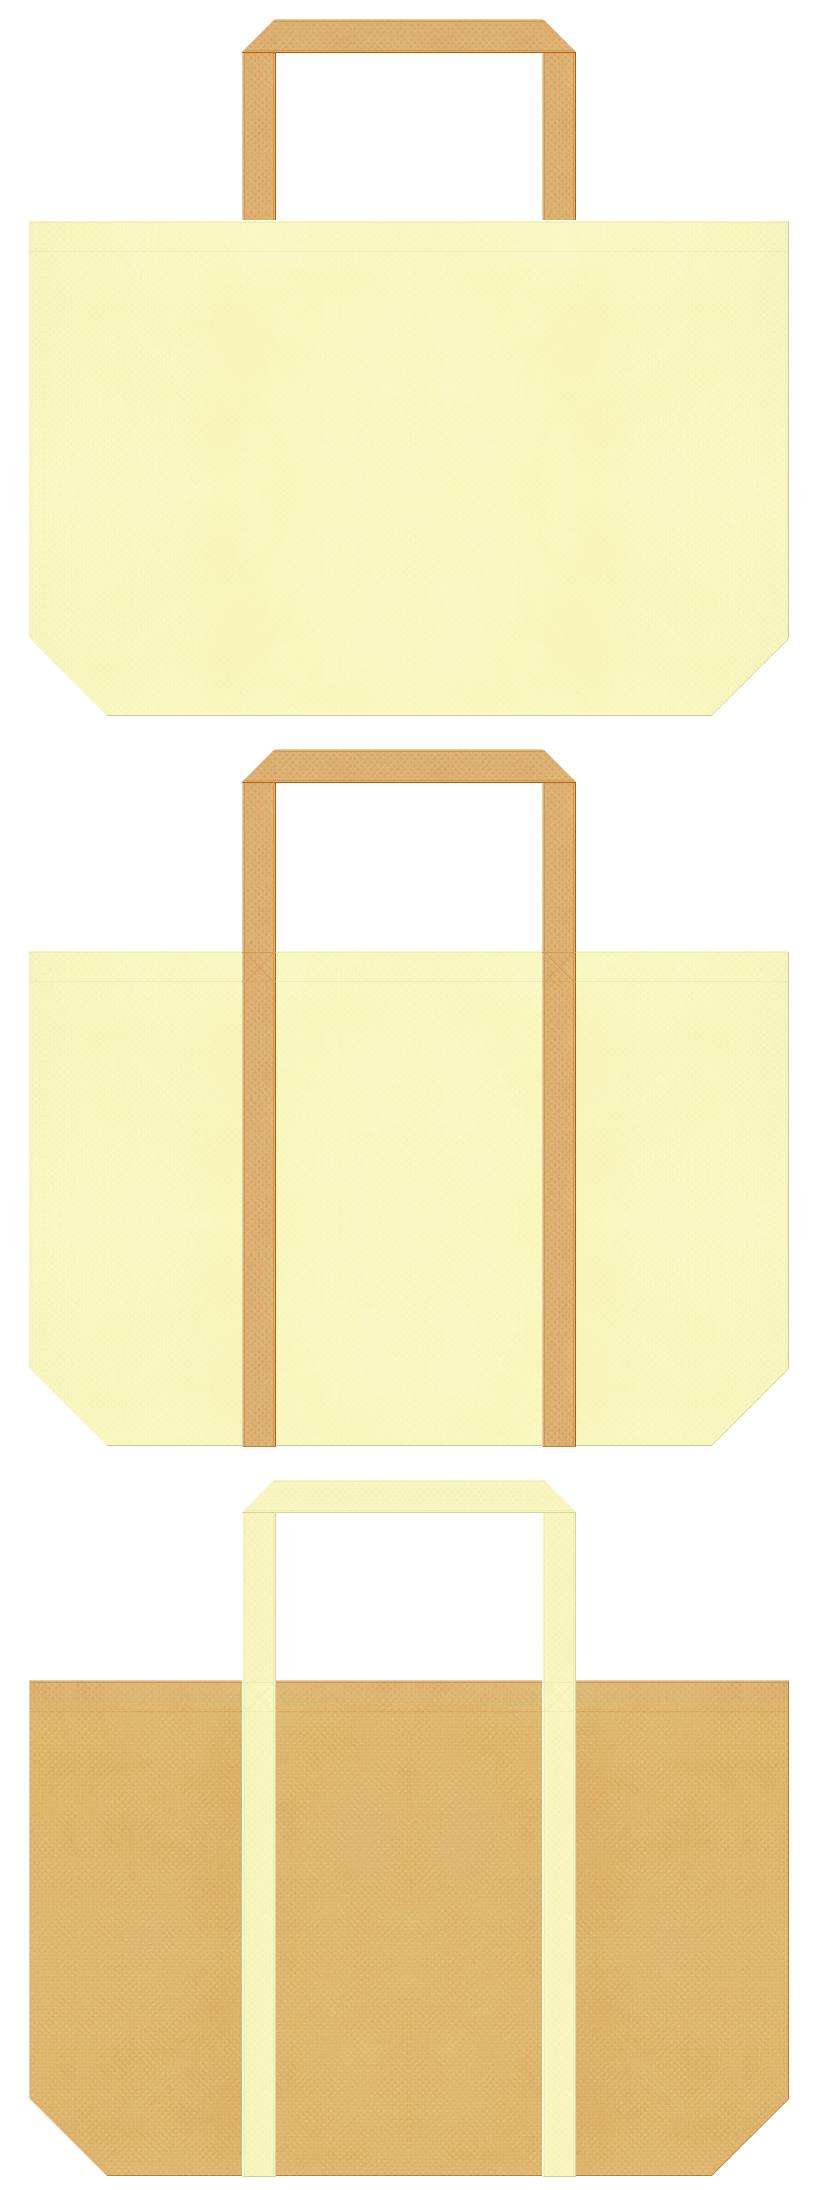 優しさ・ゆるさ・リラックス・絵本・おとぎ話・ガーリーデザイン・パステルカラー・手芸・ぬいぐるみ・小鹿・たい焼き・バナナクレープ・ワッフル・クッキー・マーガリン・チーズケーキ・スイーツ・ベーカリー・和菓子にお奨めの不織布バッグデザイン:薄黄色と薄黄土色のコーデ